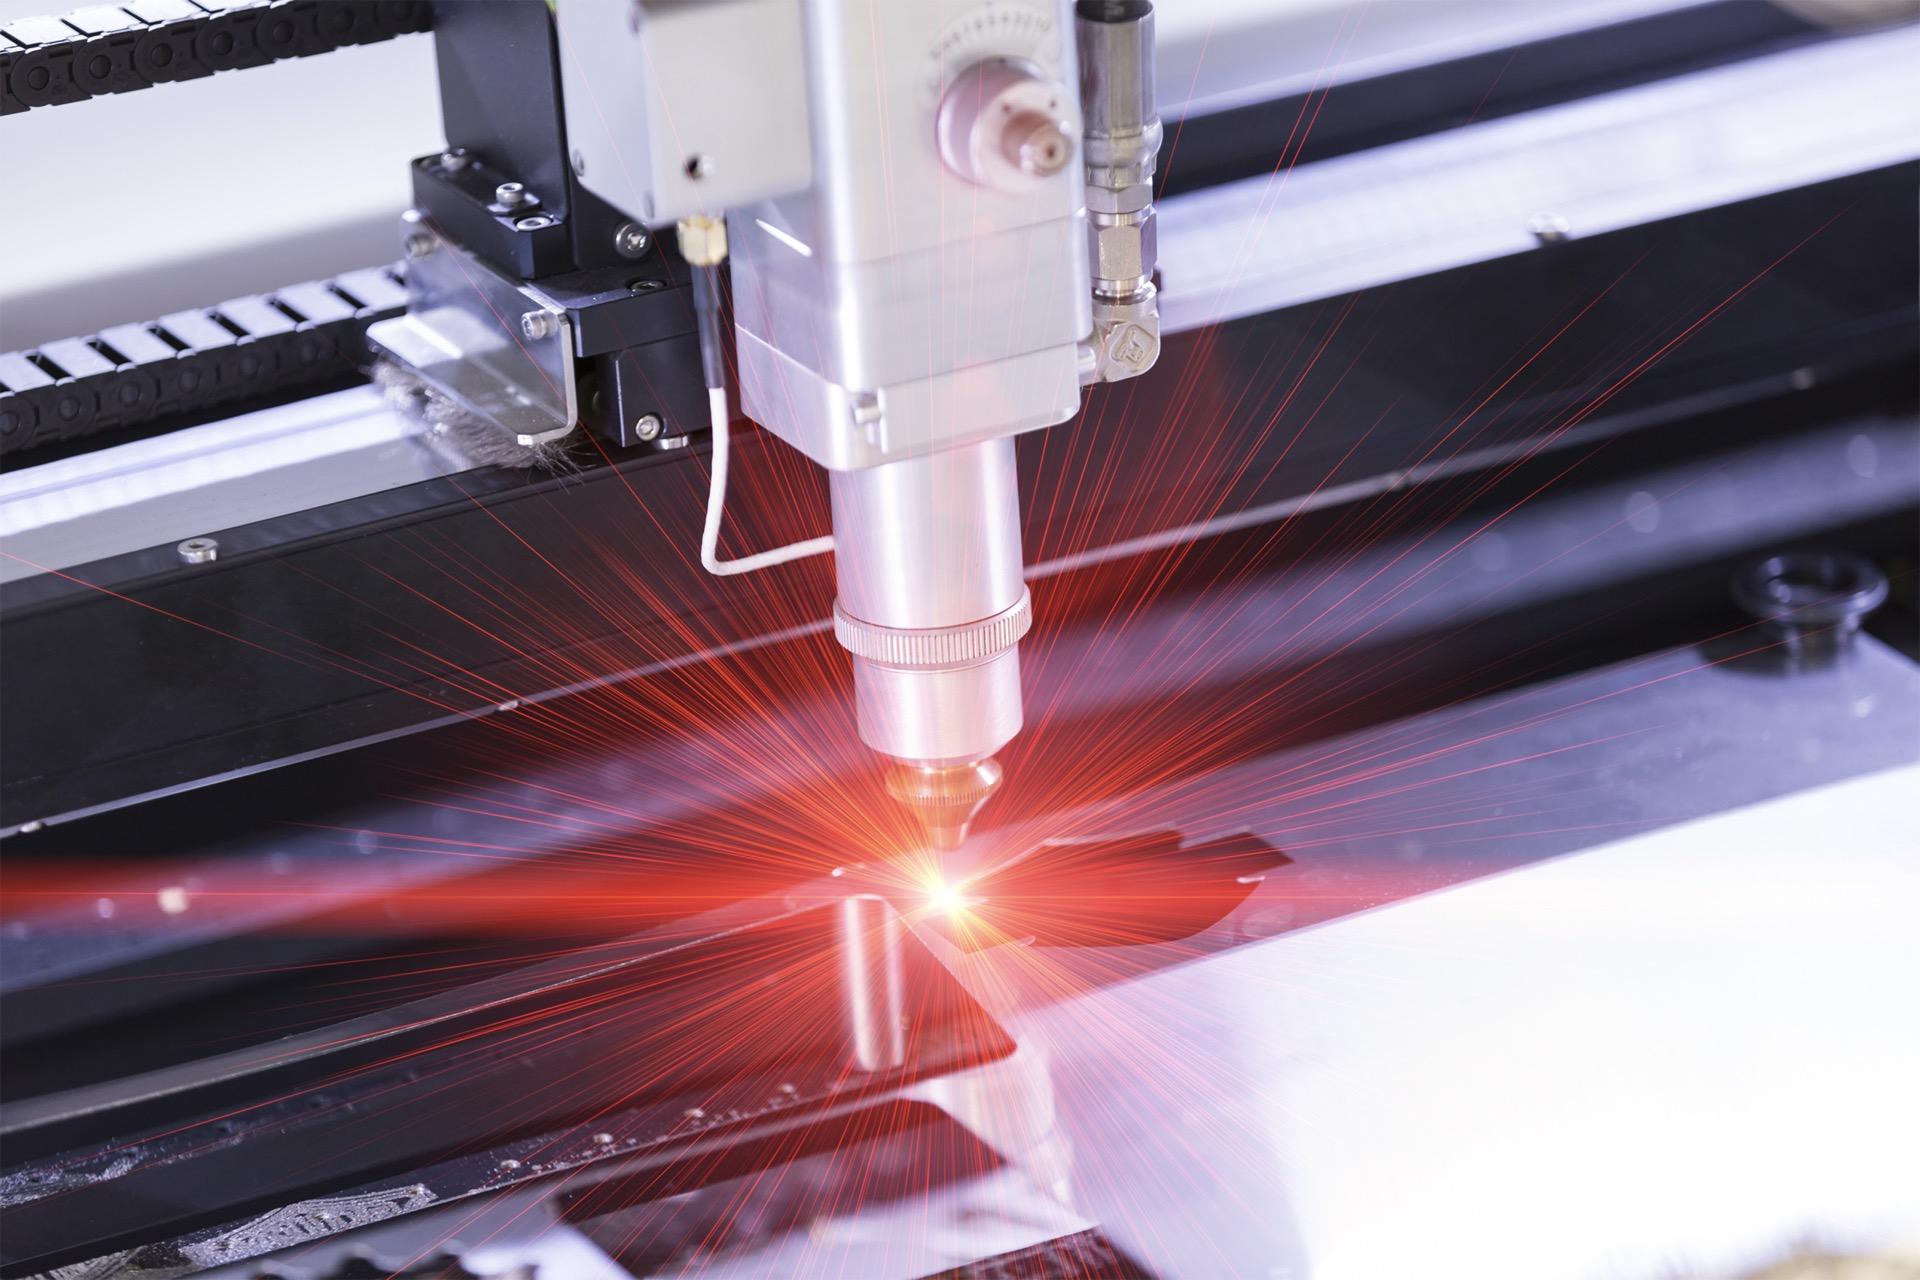 lasercut, assistenza tecnica laser, riparazione laser industriali